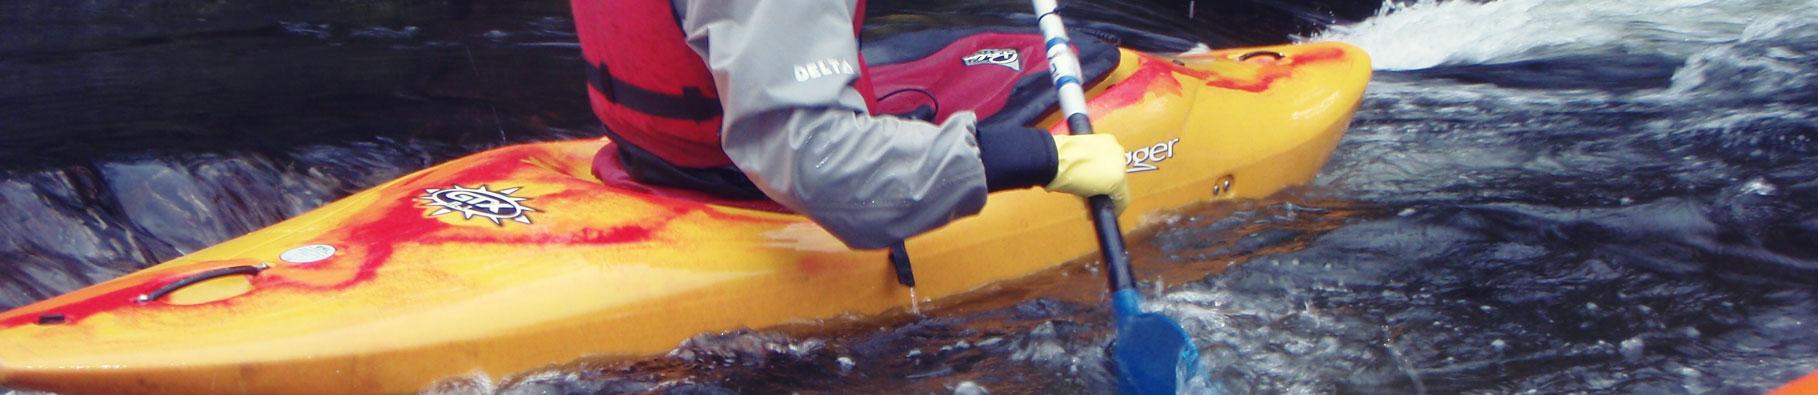 White water kayaking in Bude Cornwall